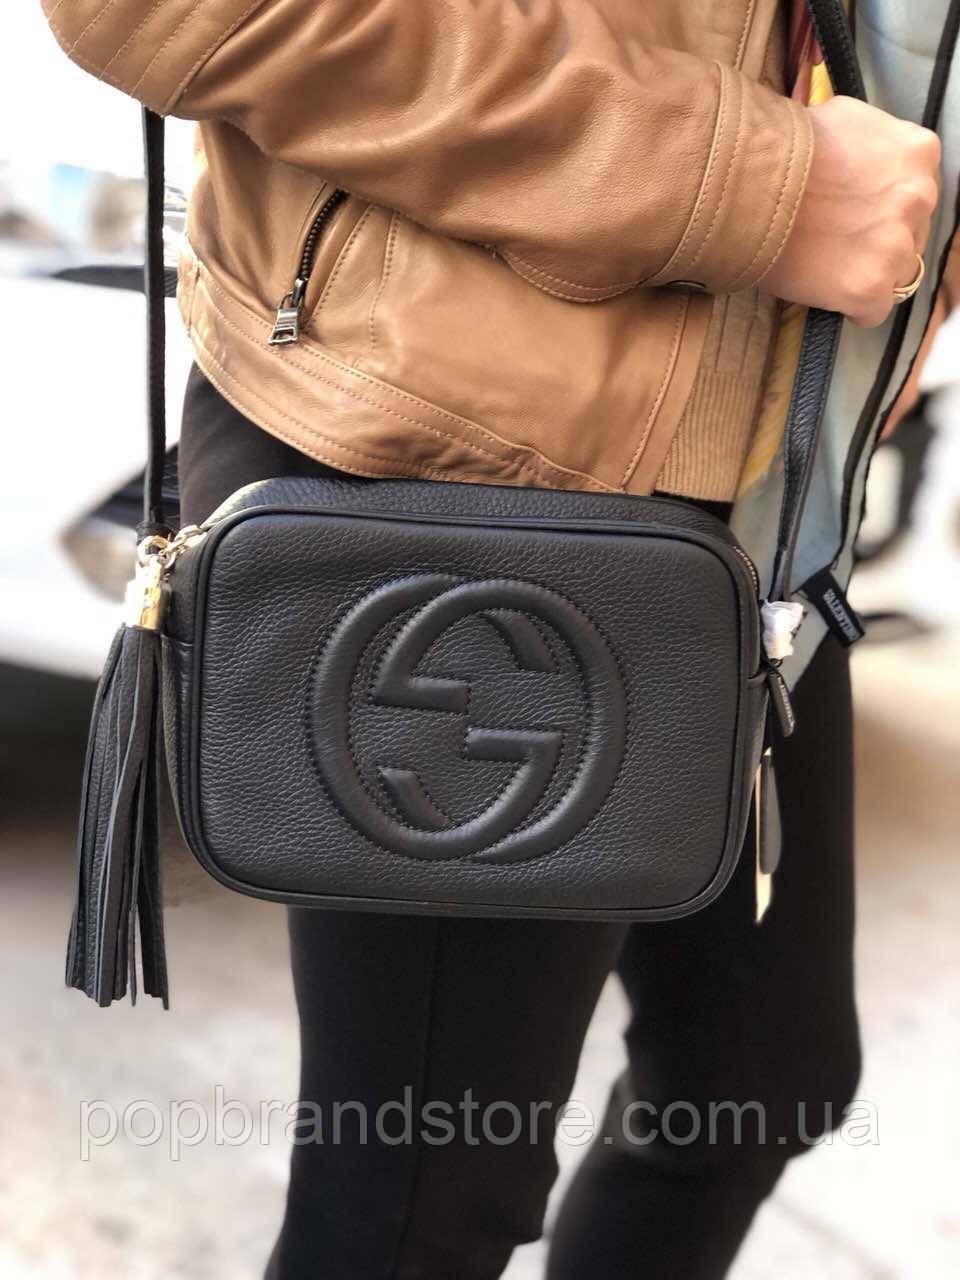 f6c97a6dbfcc Сумочка Гуччи SOHO DISCO BAG (реплика) - Pop Brand Store | брендовые сумки,